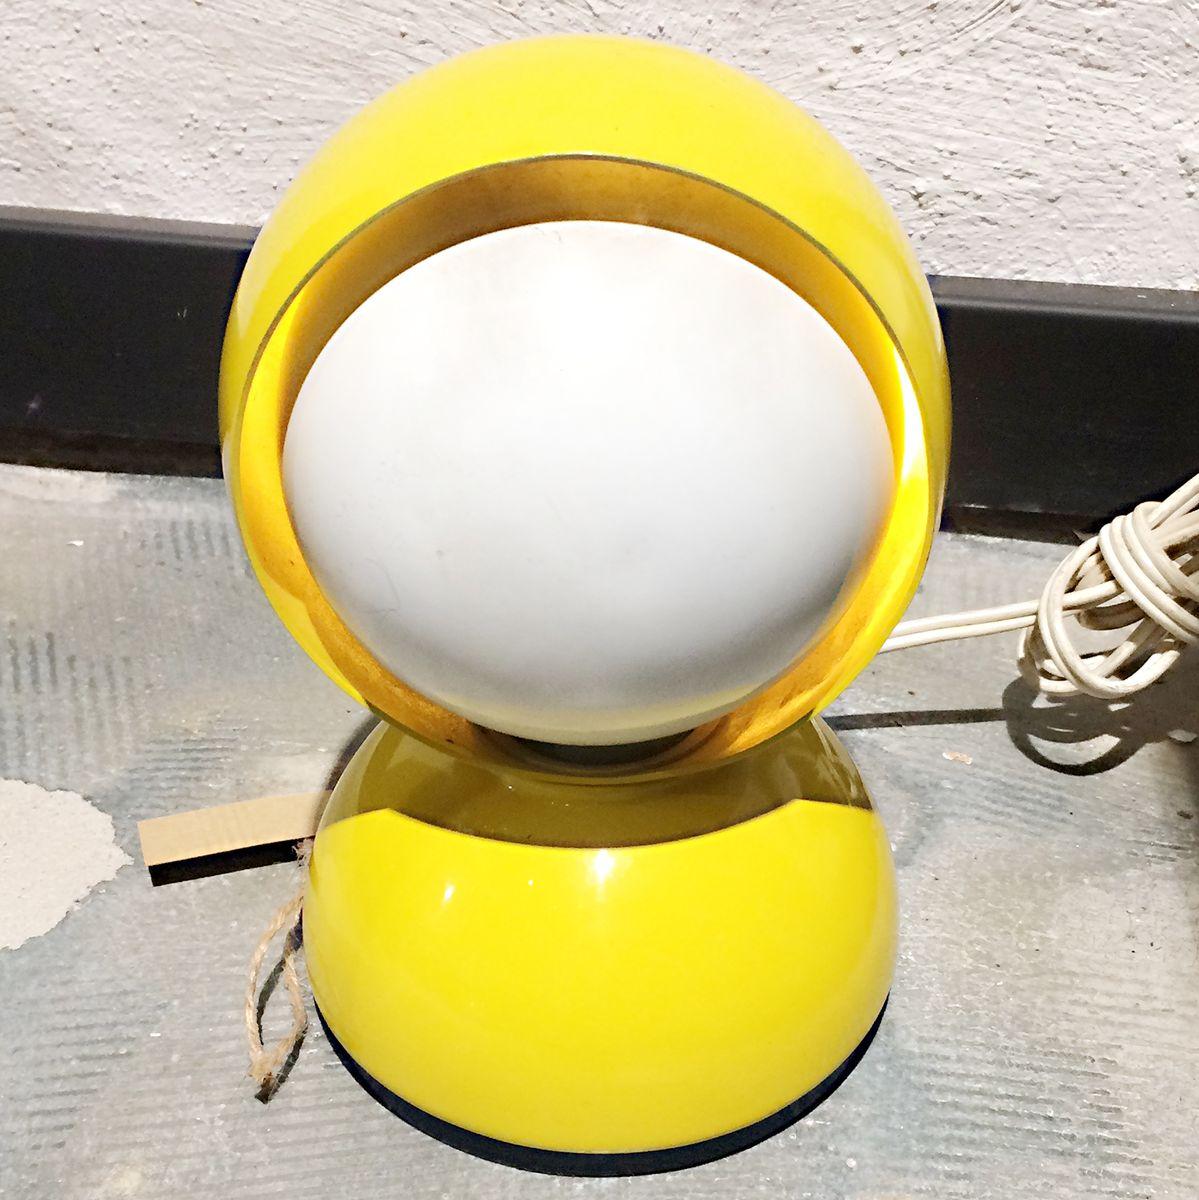 Lampada da tavolo eclisse mid century di vico magistretti per artemide in vendita su pamono - Lampada da tavolo vico magistretti ...